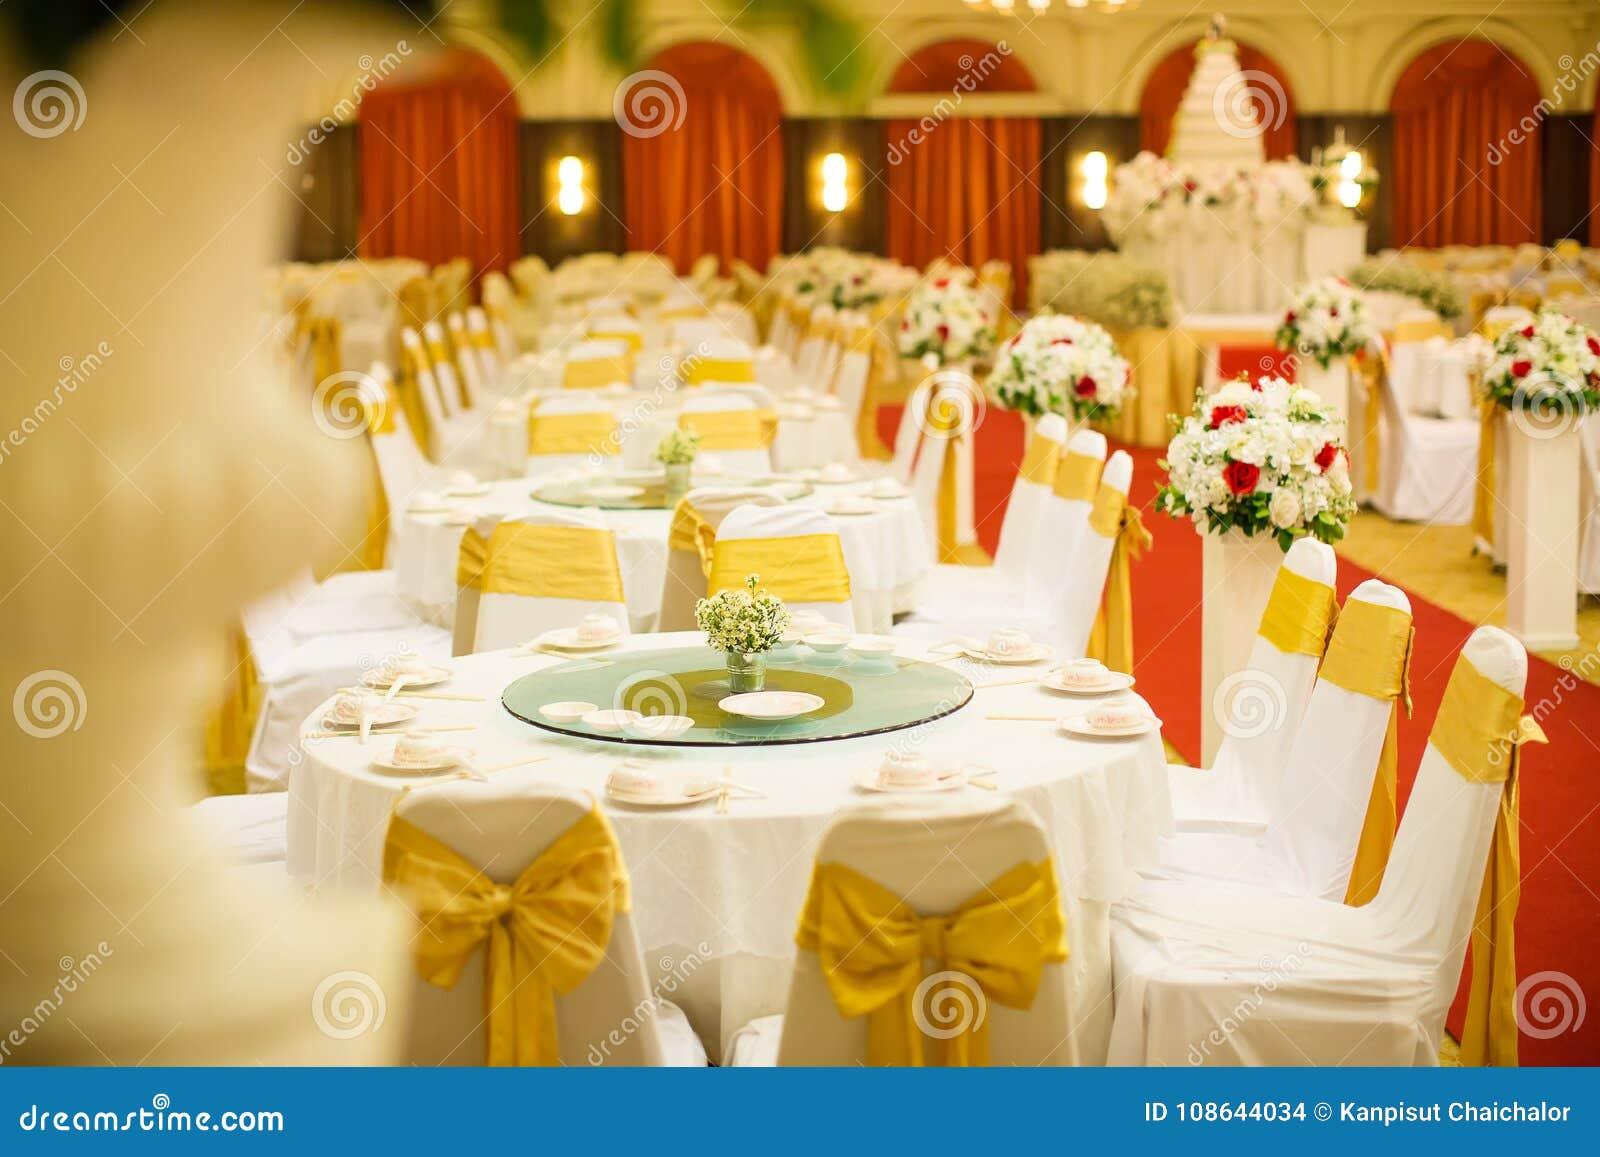 Ensembles de table de mariage dans le hall de mariage épouser décorent la préparation un ensemble de table et un dîner approvisio